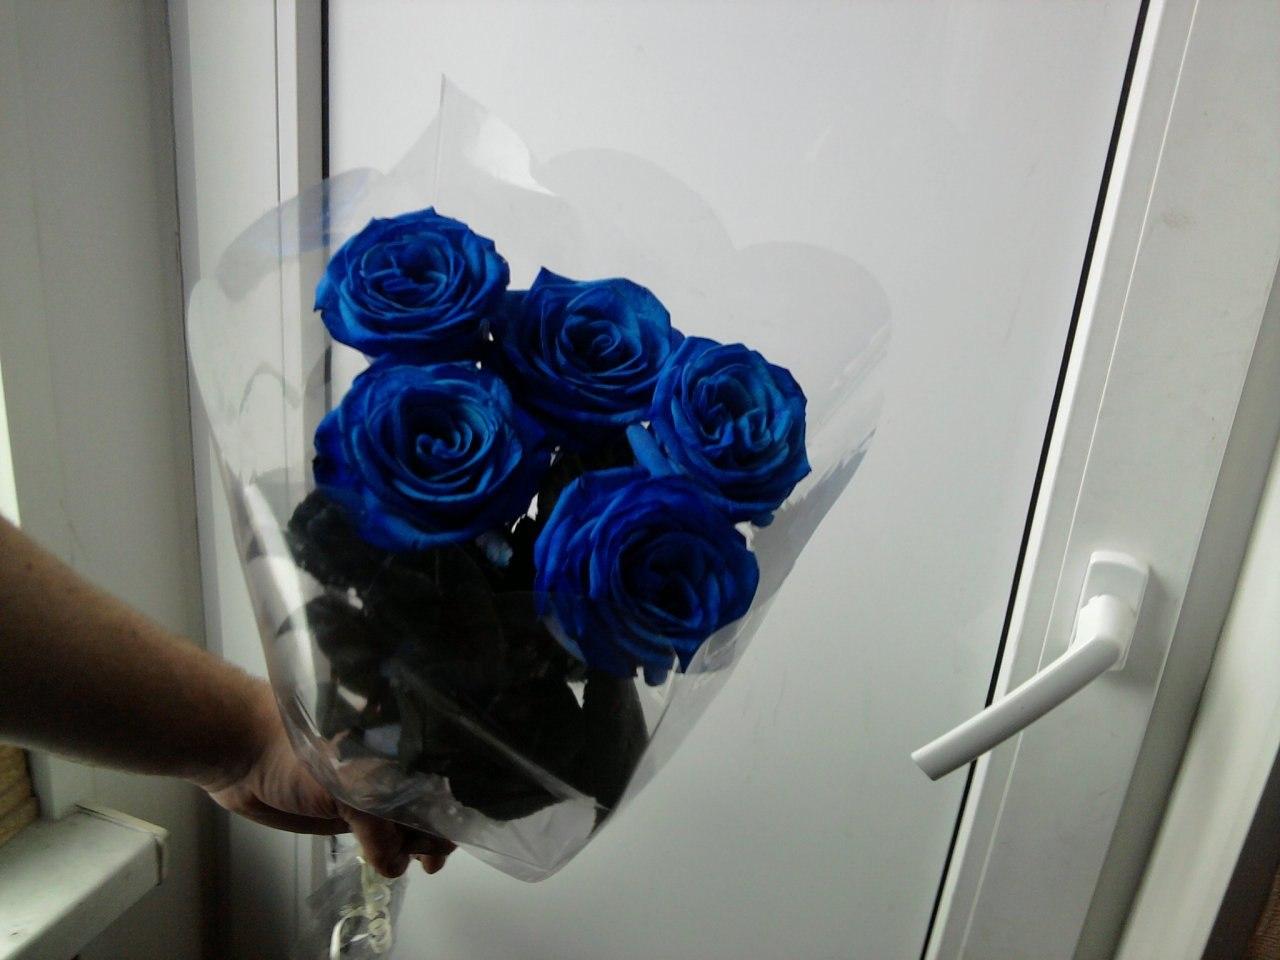 Фото девушки с синей розой